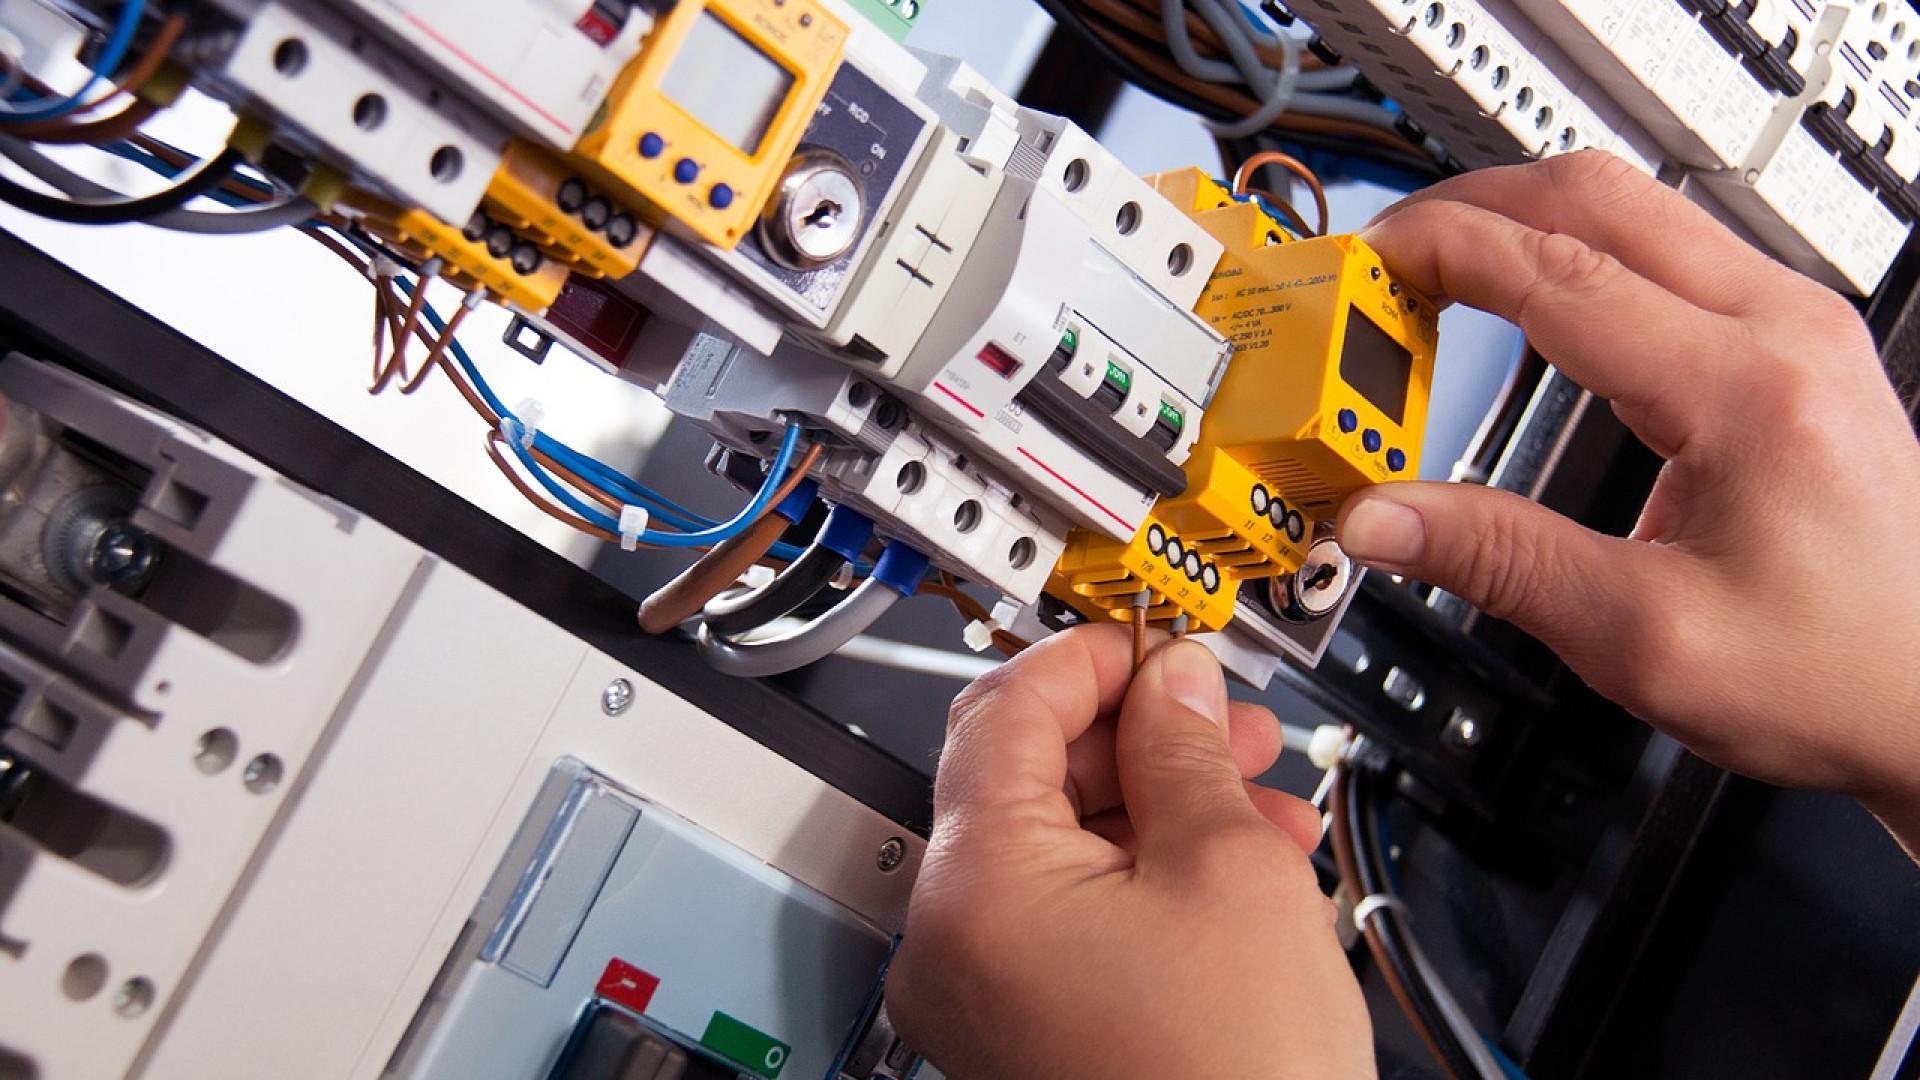 Tarif Entreprise : Quel est le prix du kWh pour l'électricité ?